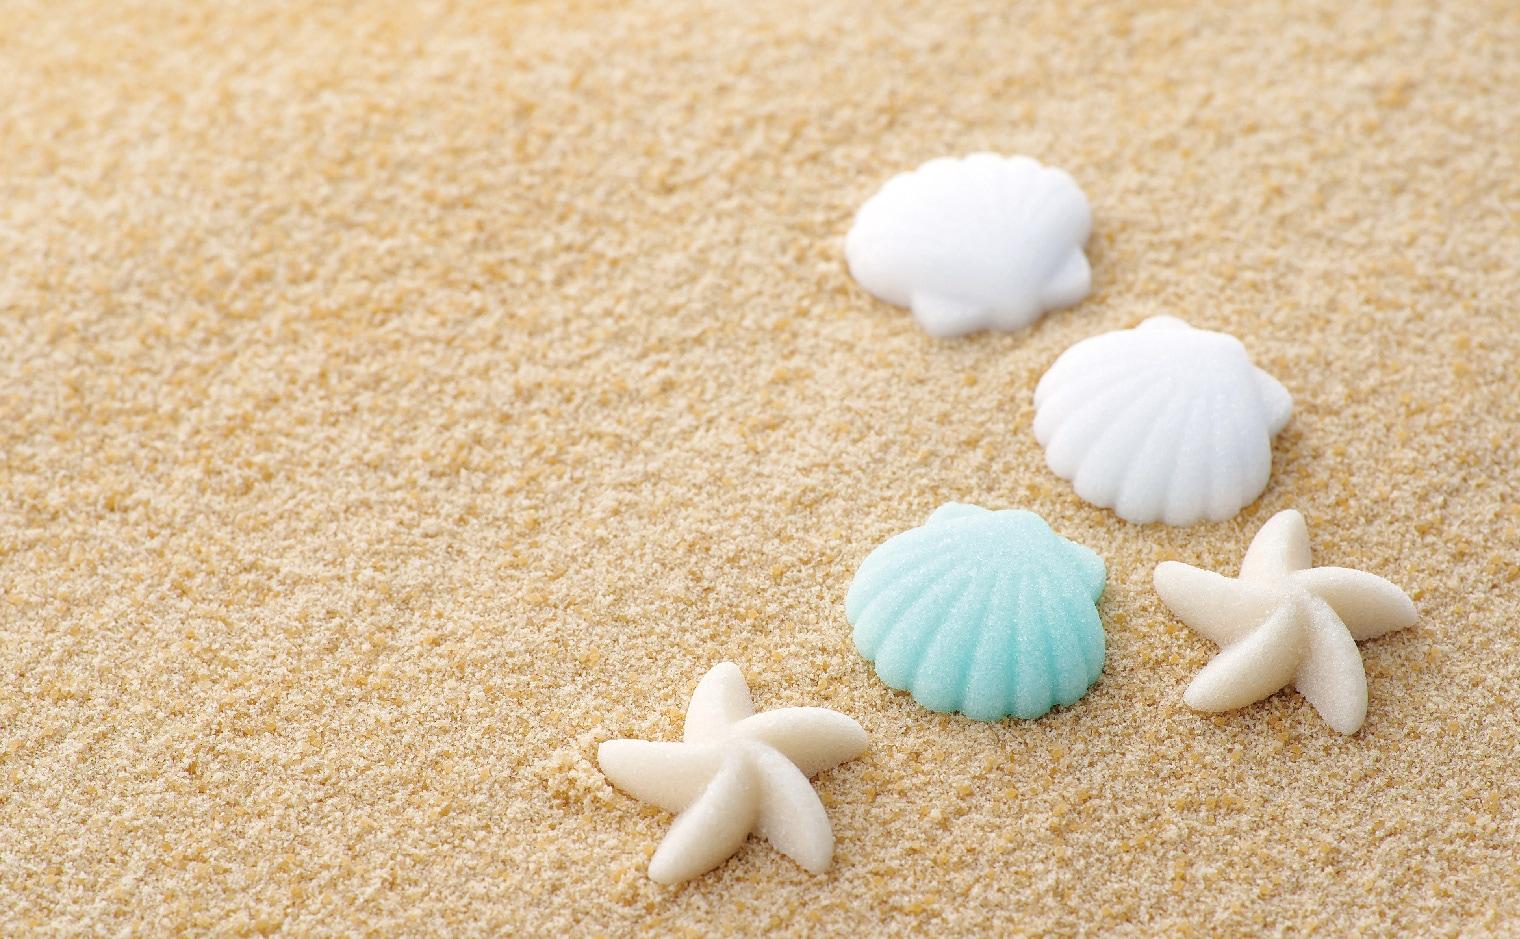 デザインシュガー,物語のある砂糖,貝殻,ヒトデ,海,真夏,サマー,ビーチ,海水浴,常夏,南国,砂浜